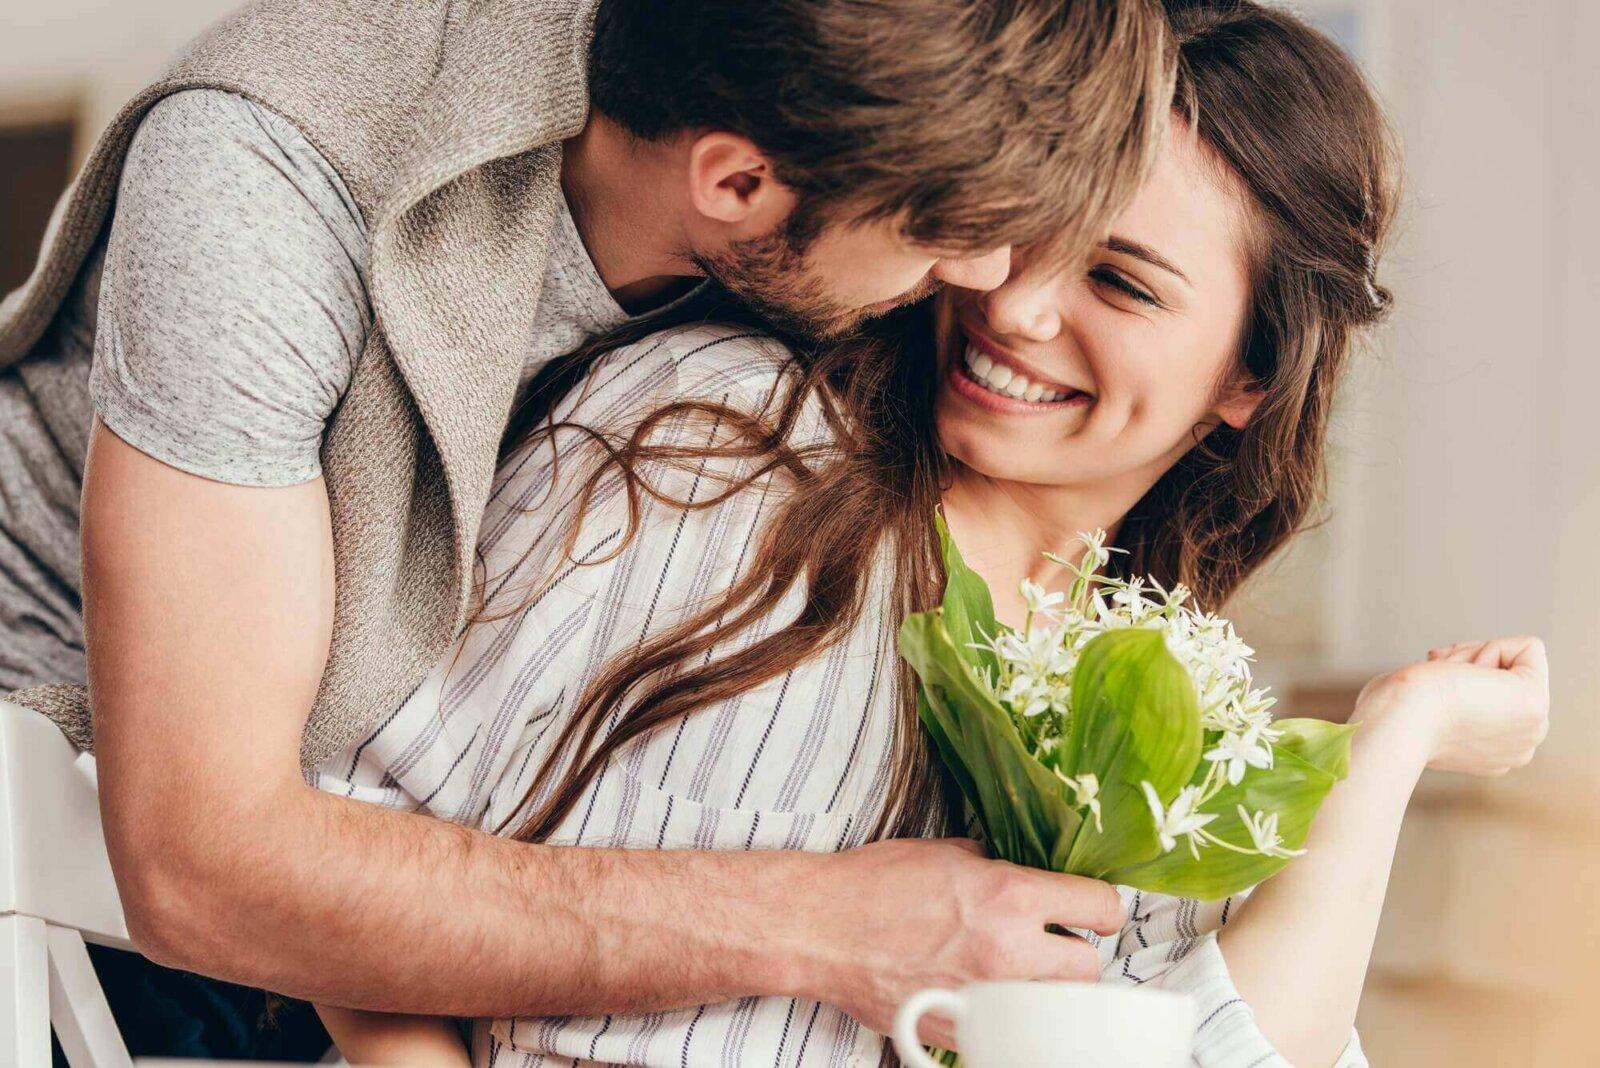 mężczyzna wręcza kobiecie kwiaty na prezent